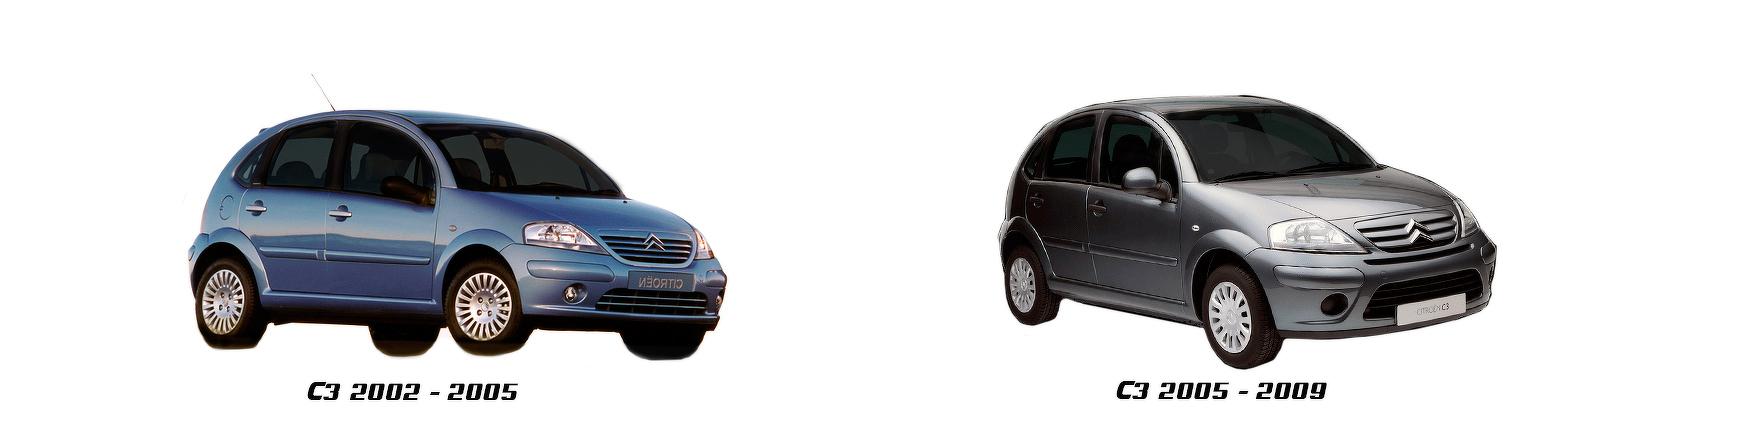 Recambios de CITROEN C3 modelos de 2005, 2006, 2007, 2008 y 2009